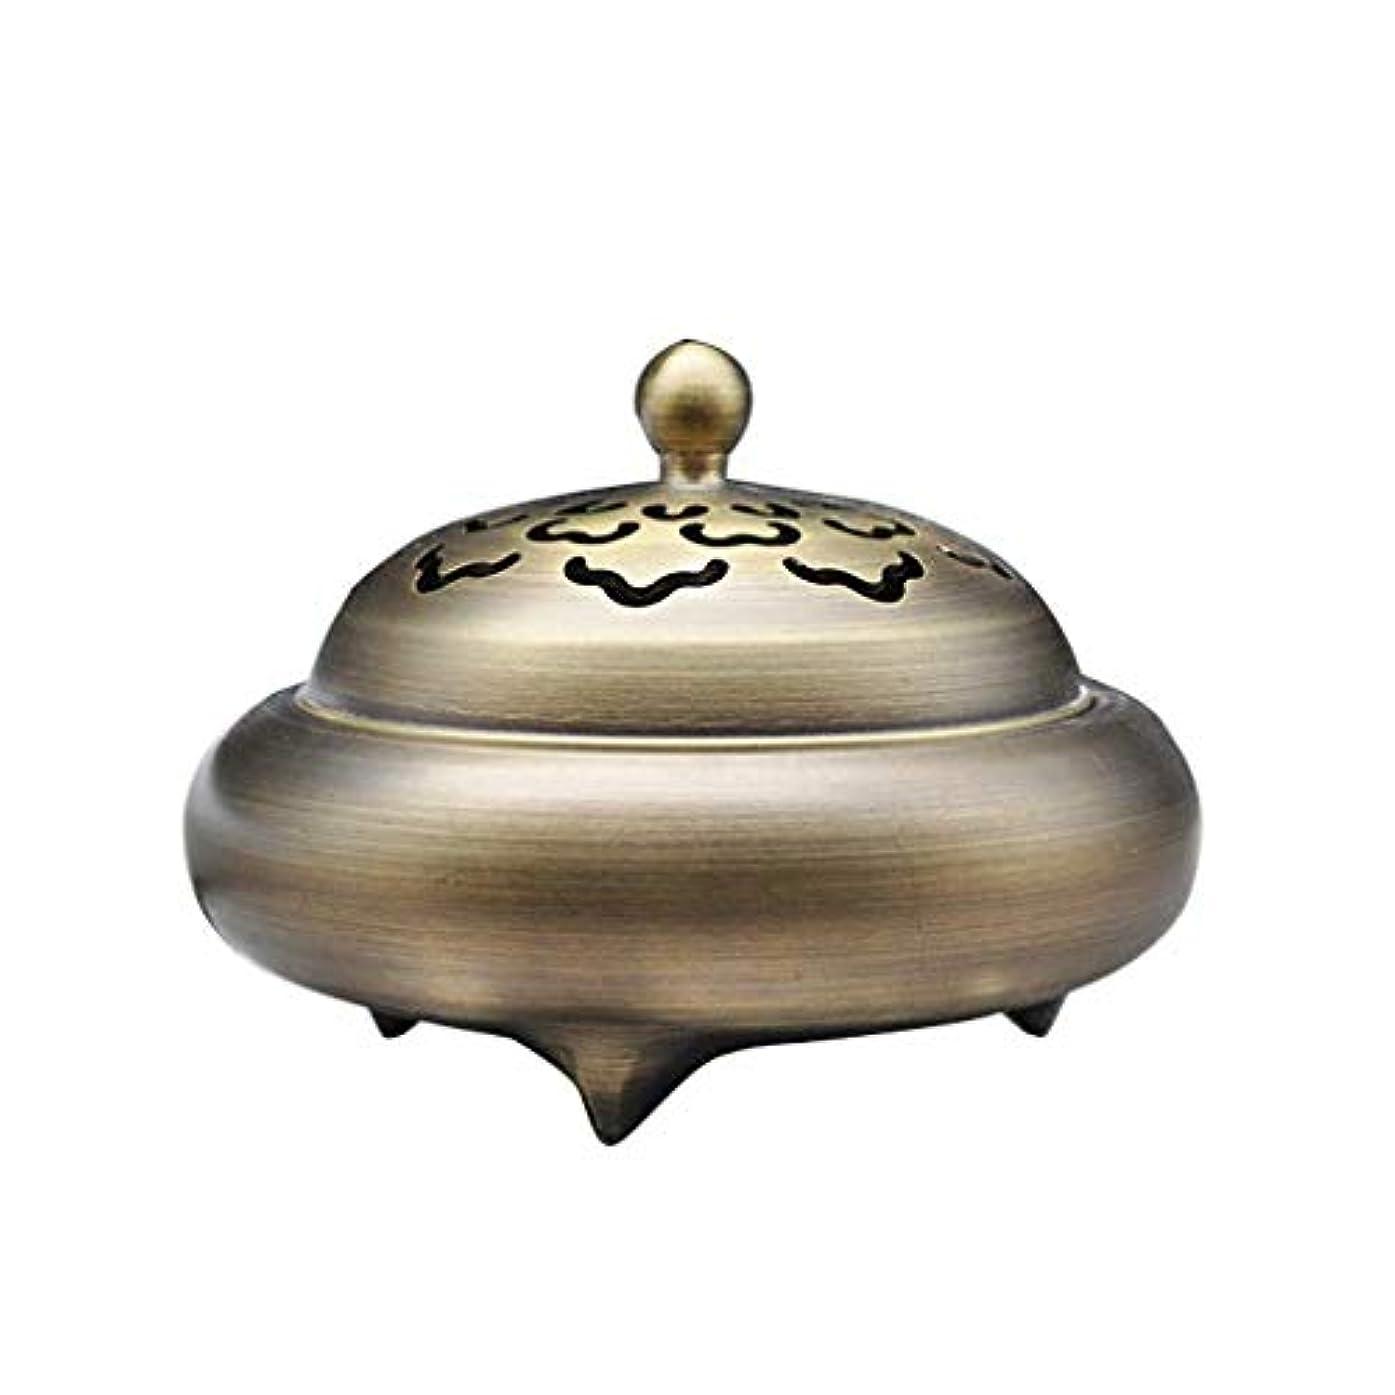 保証するすごい野心的ホームアロマバーナー レトロバーナー純銅香バーナーホーム屋内白檀炉香バーナー香道路装飾 芳香器アロマバーナー (Color : Brass)